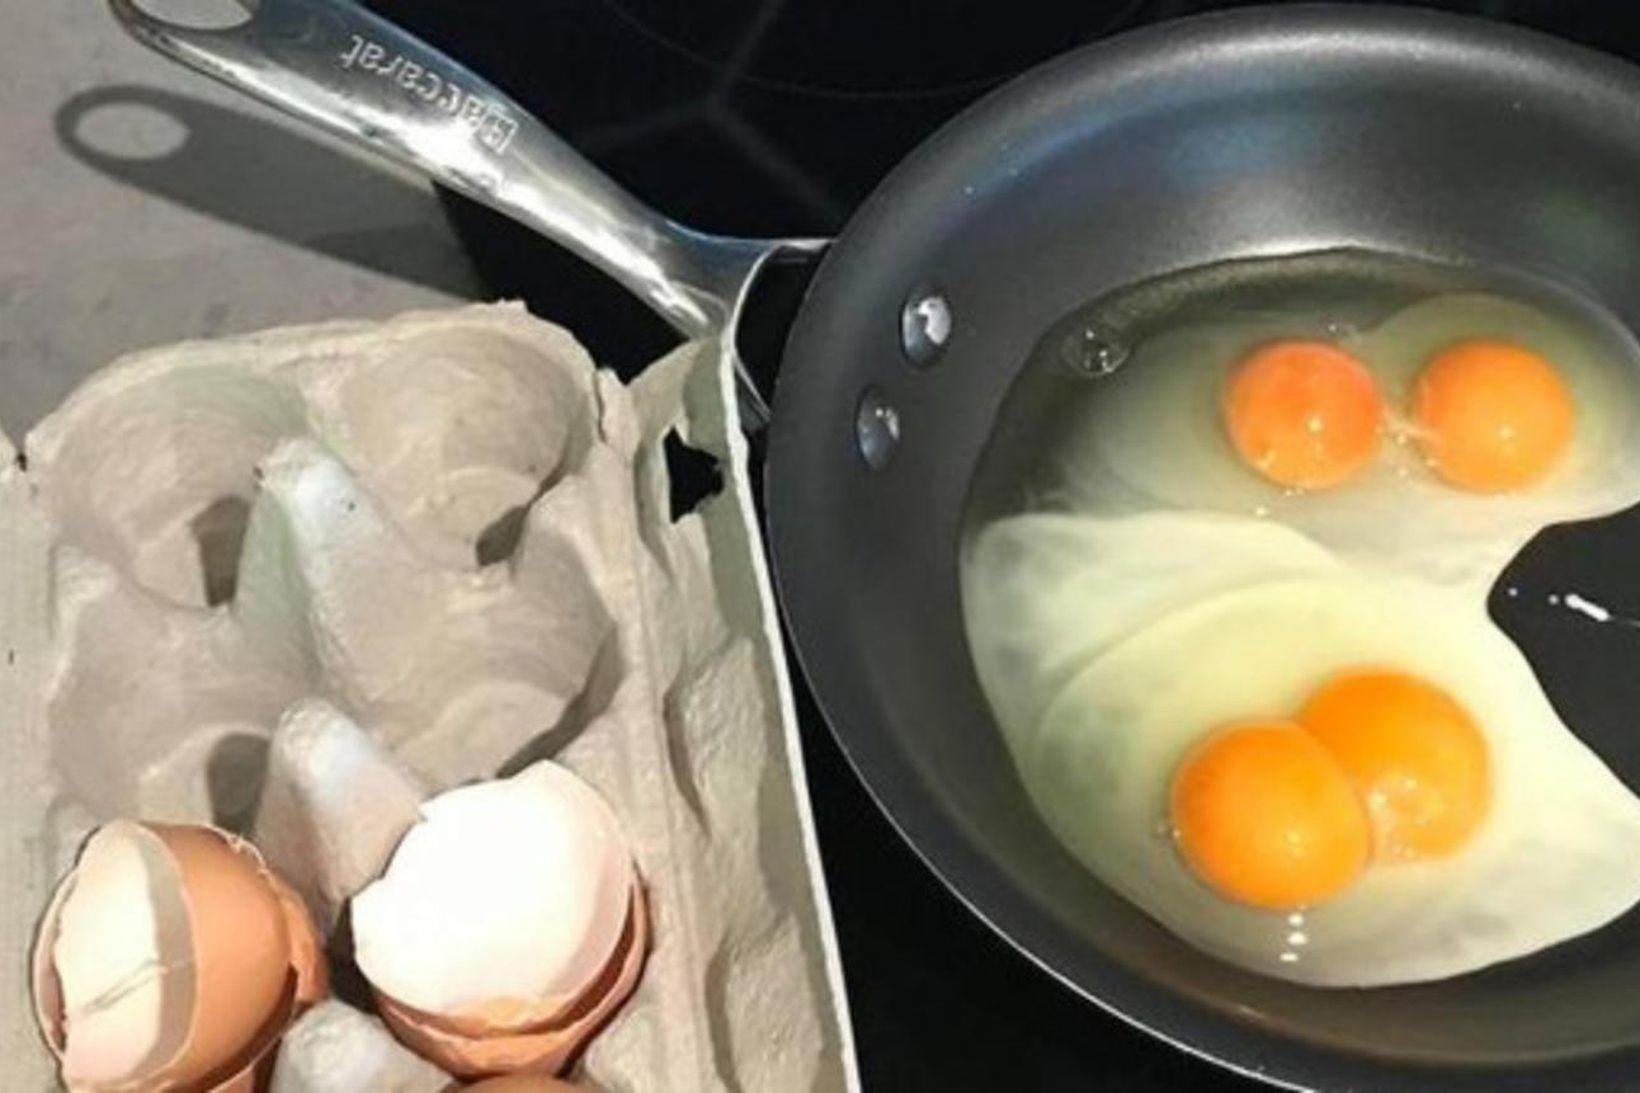 Hefur þú fengið tvær rauður úr einu eggi?